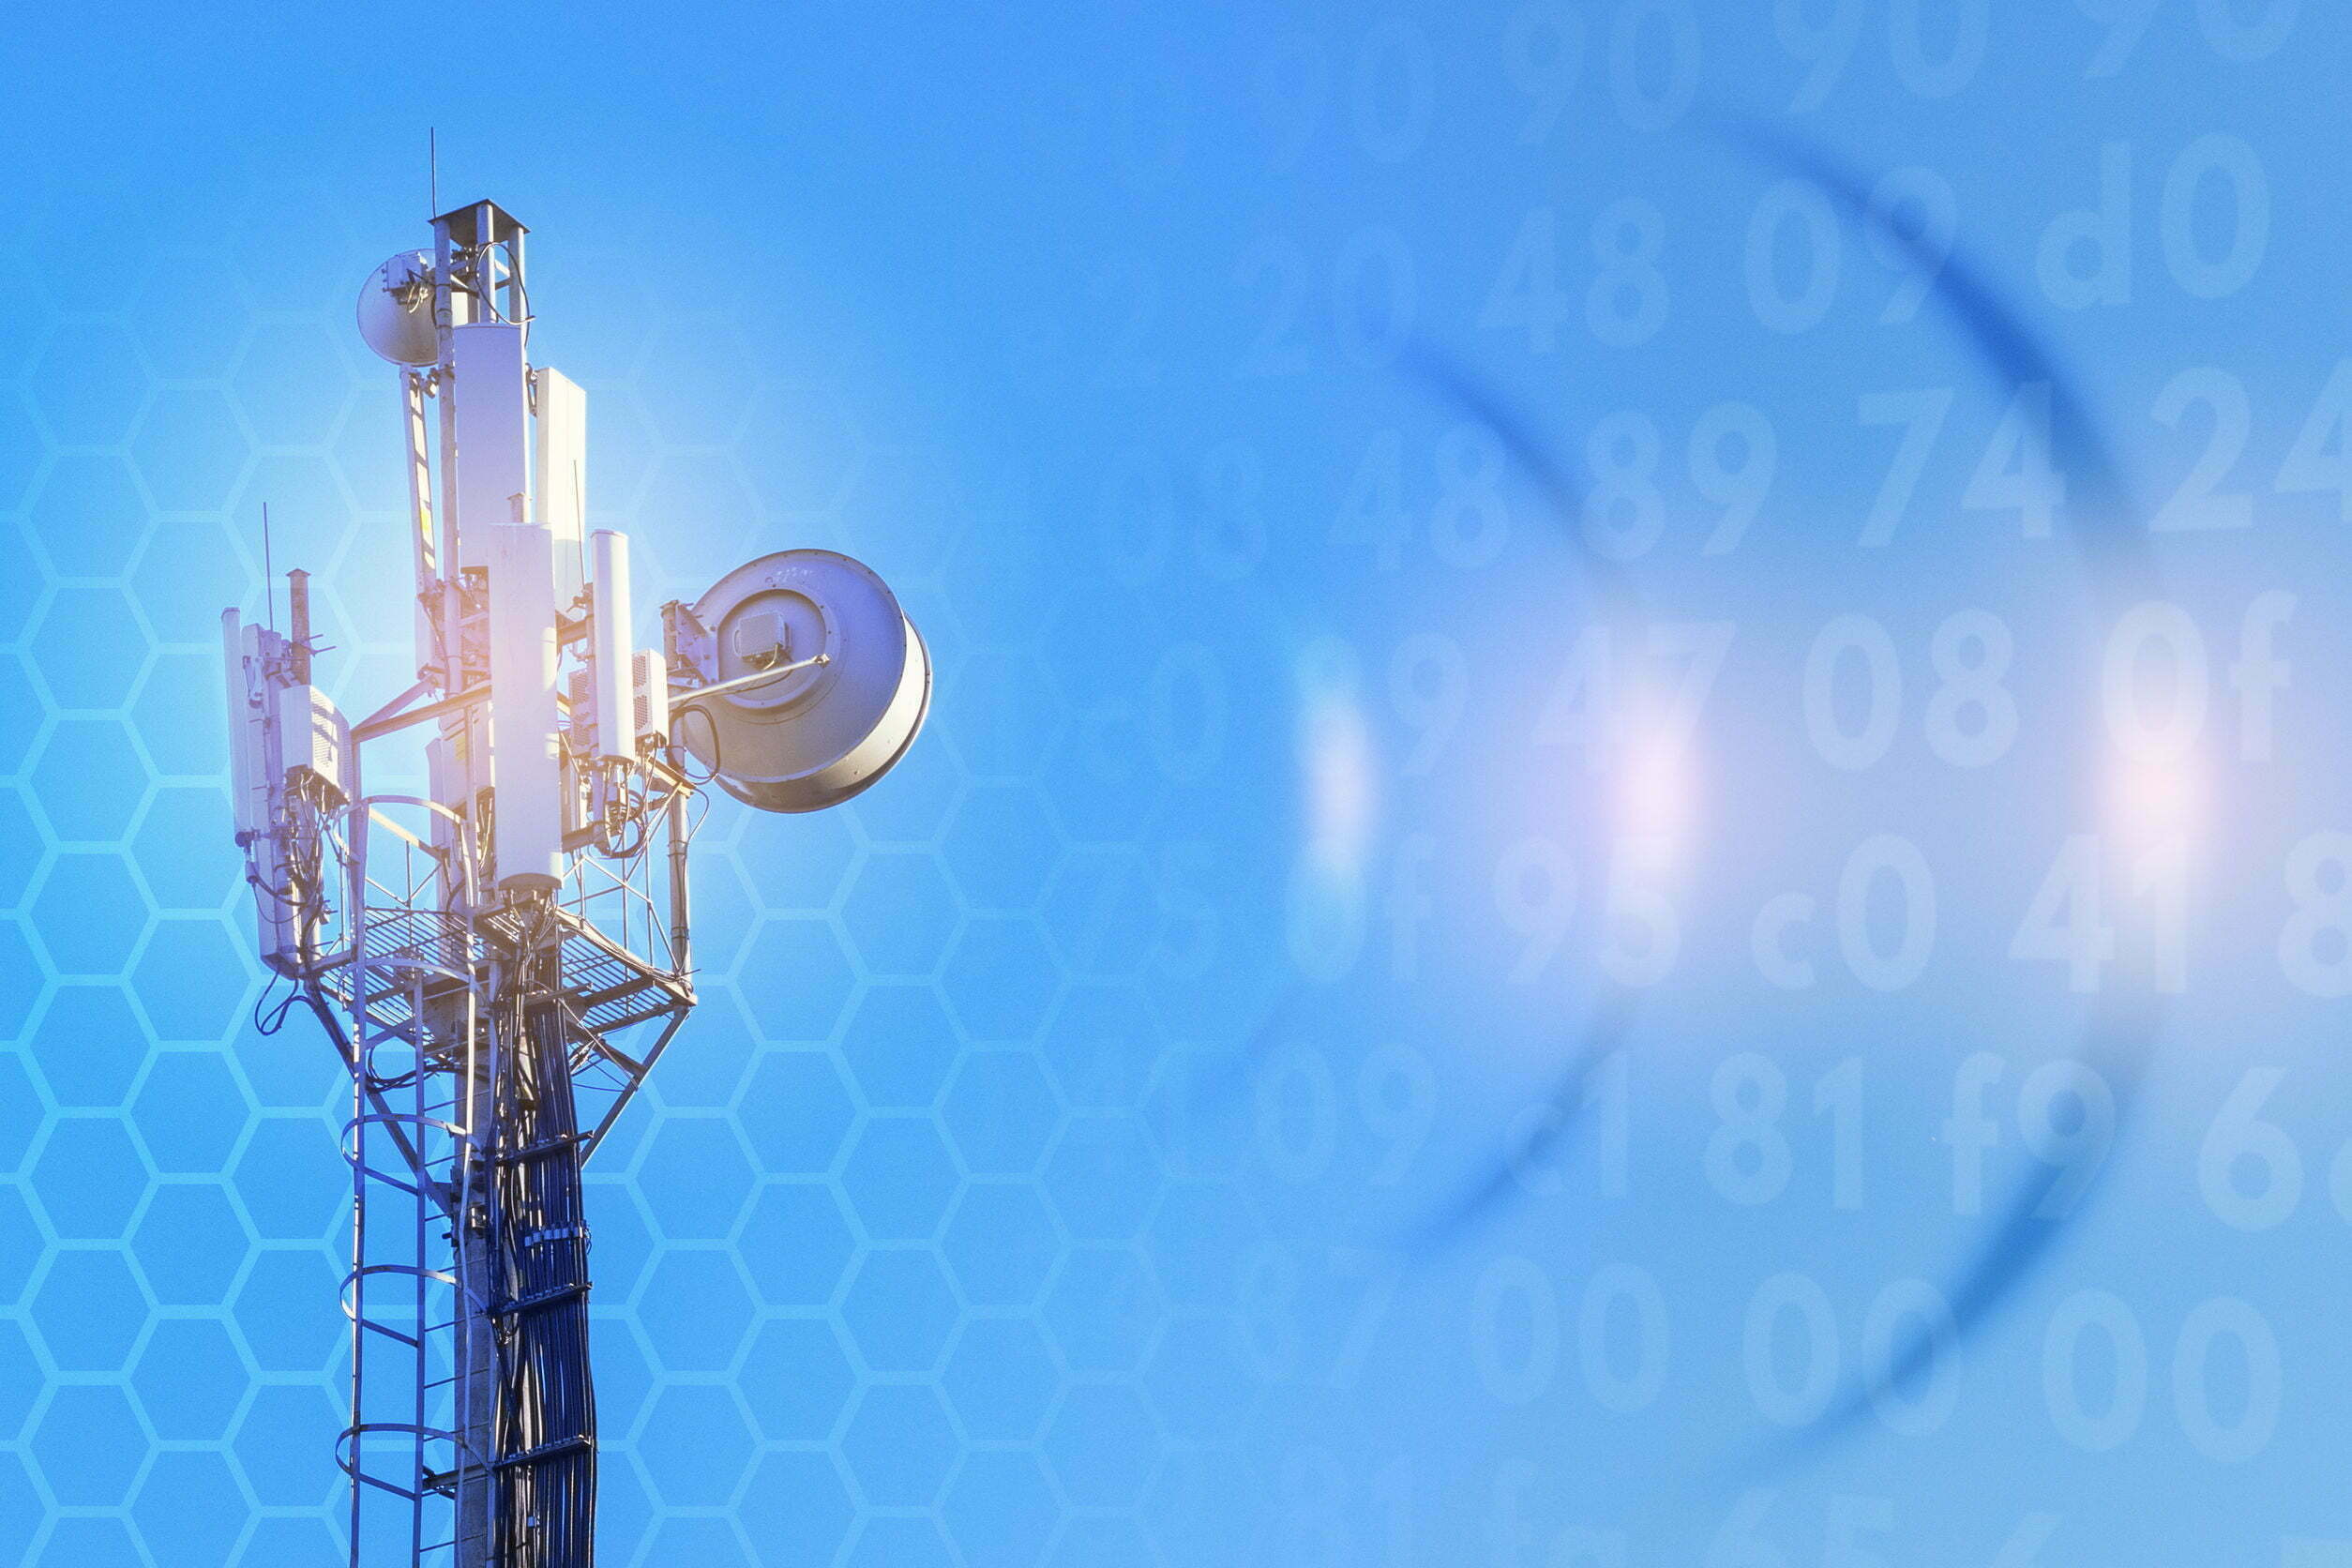 Waarom is er zoveel ophef over het 5G netwerk?